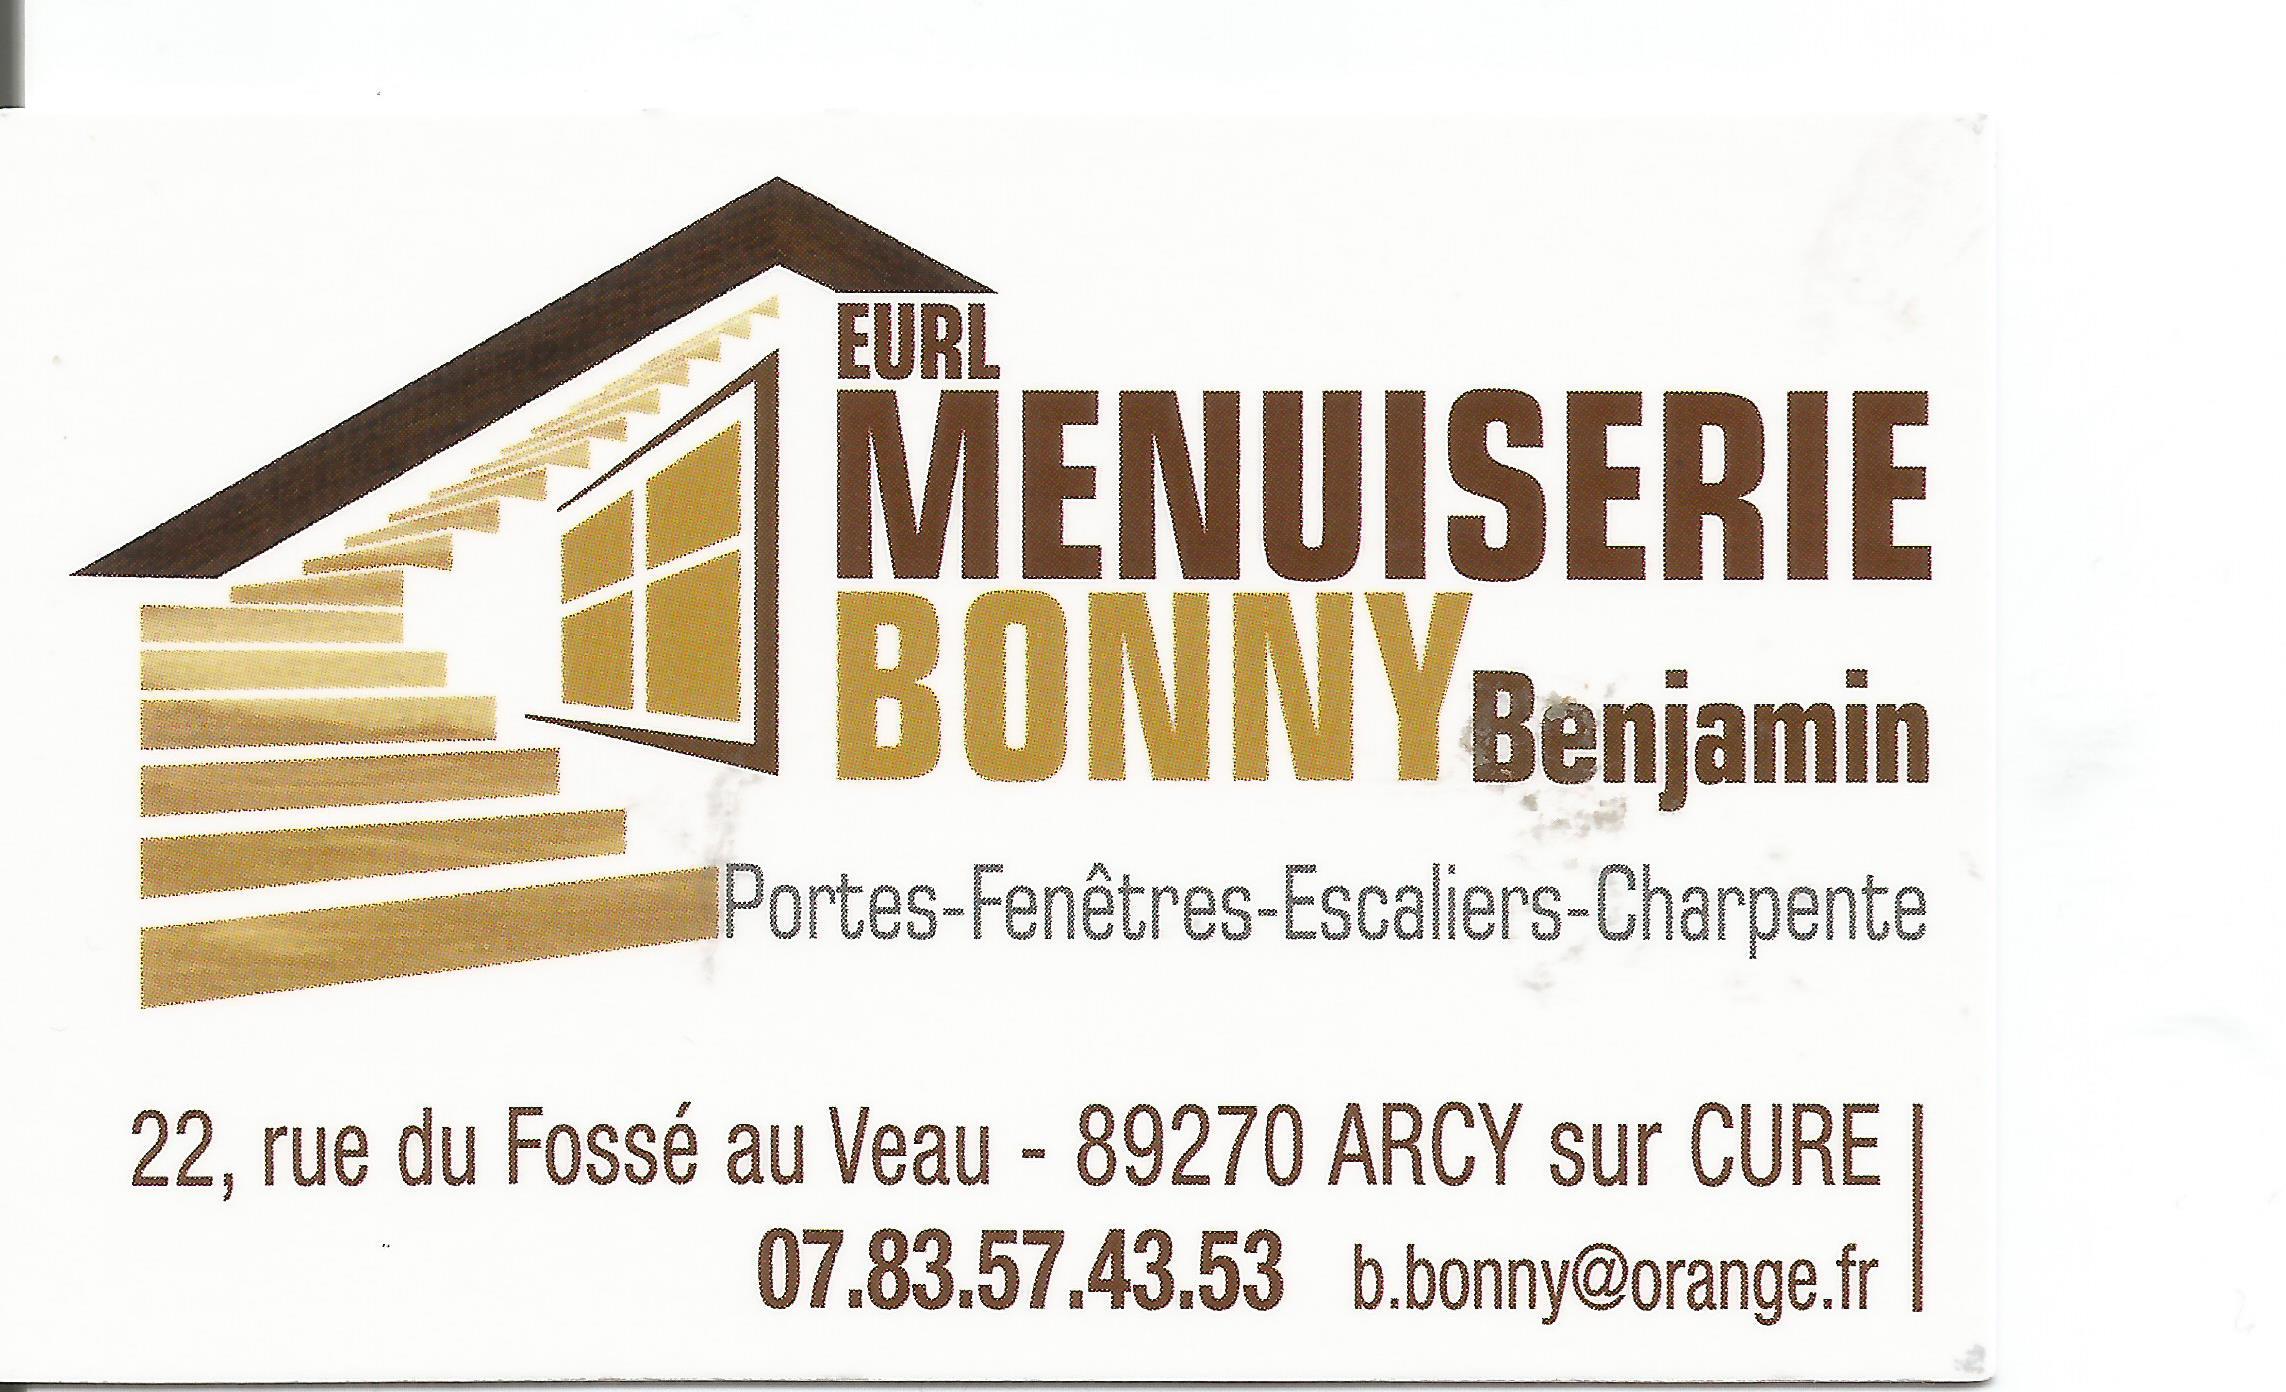 menuiserie bonny0001.jpg